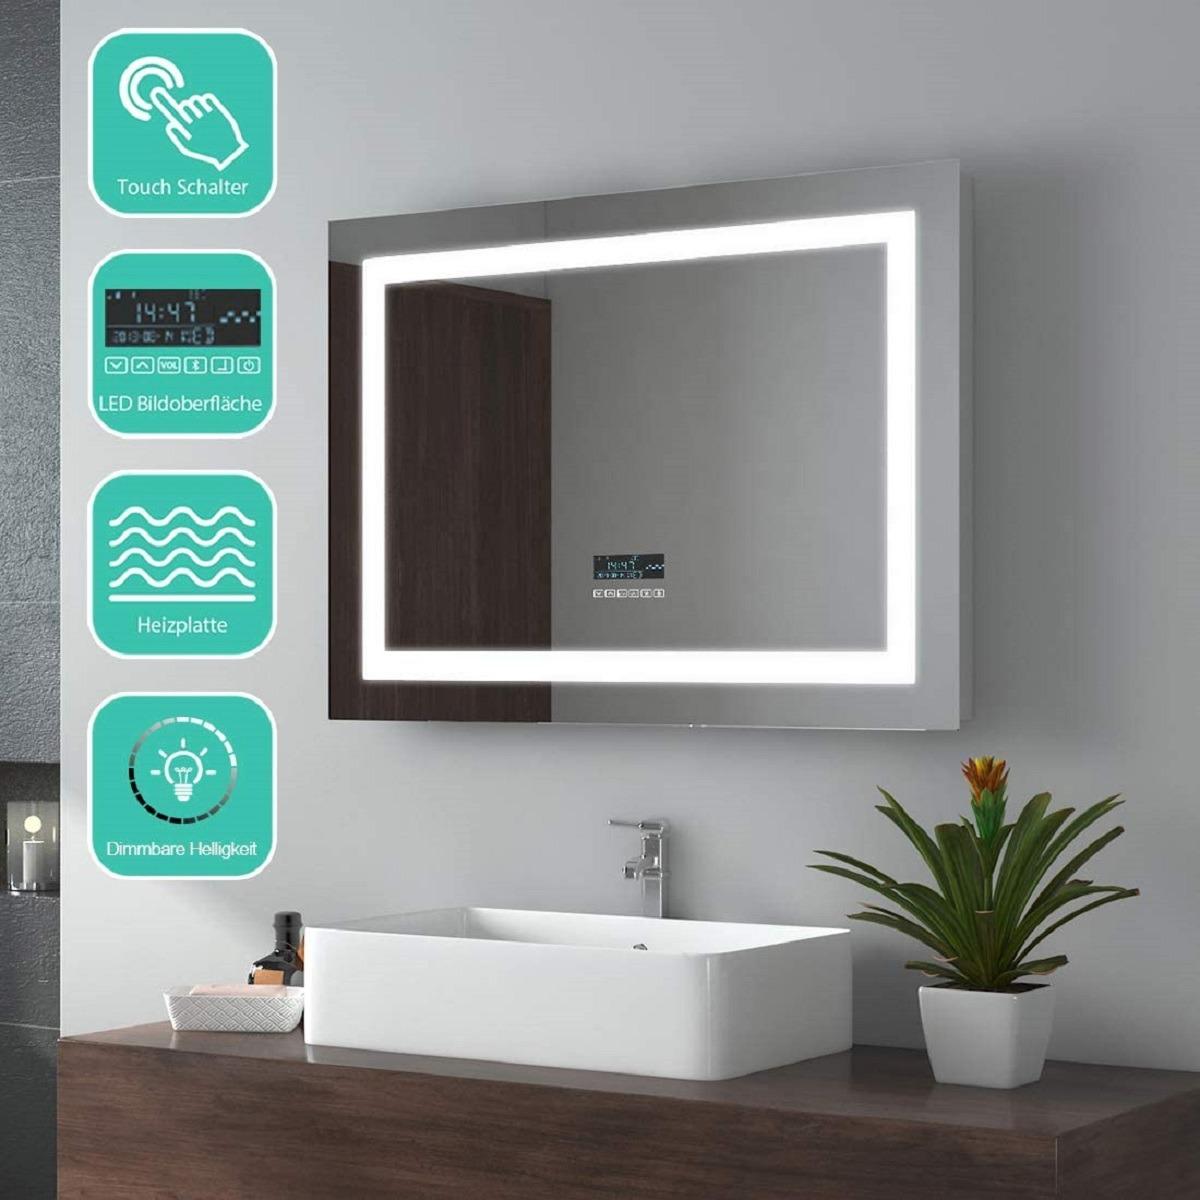 Migliori Specchi Intelligenti - Quale scegliere e quale comprare